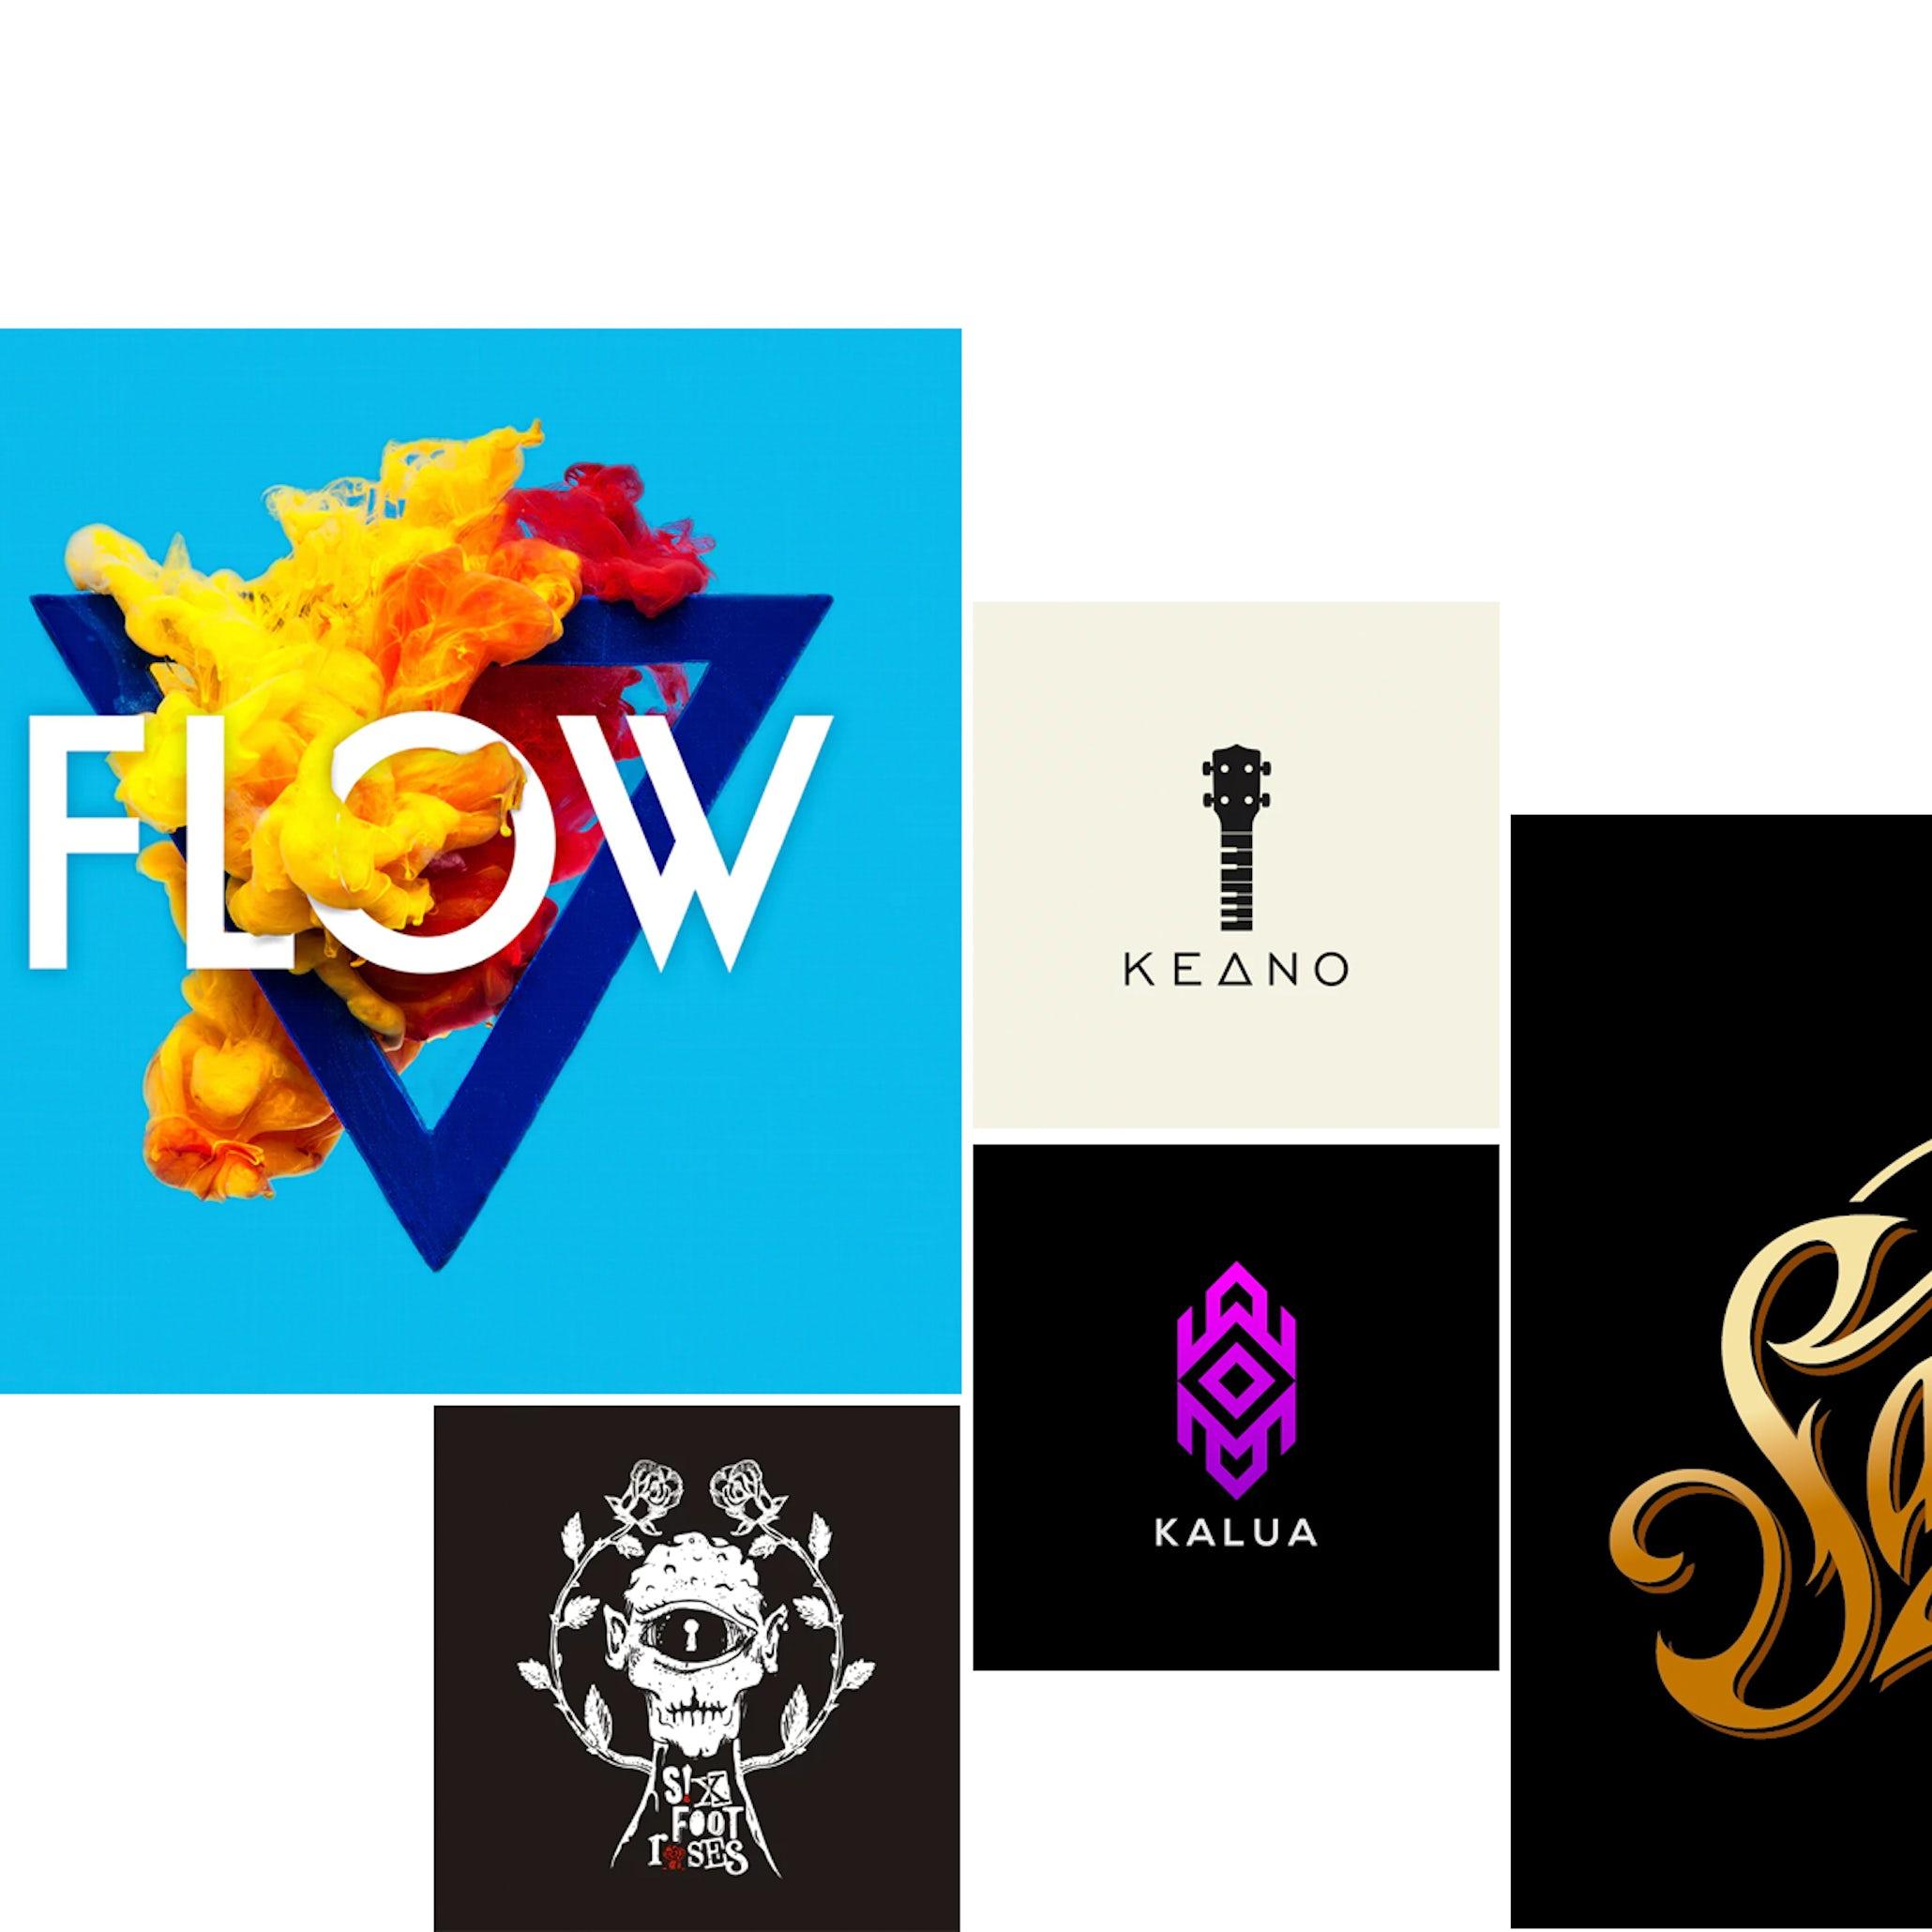 42 Music logos that rock - 99designs